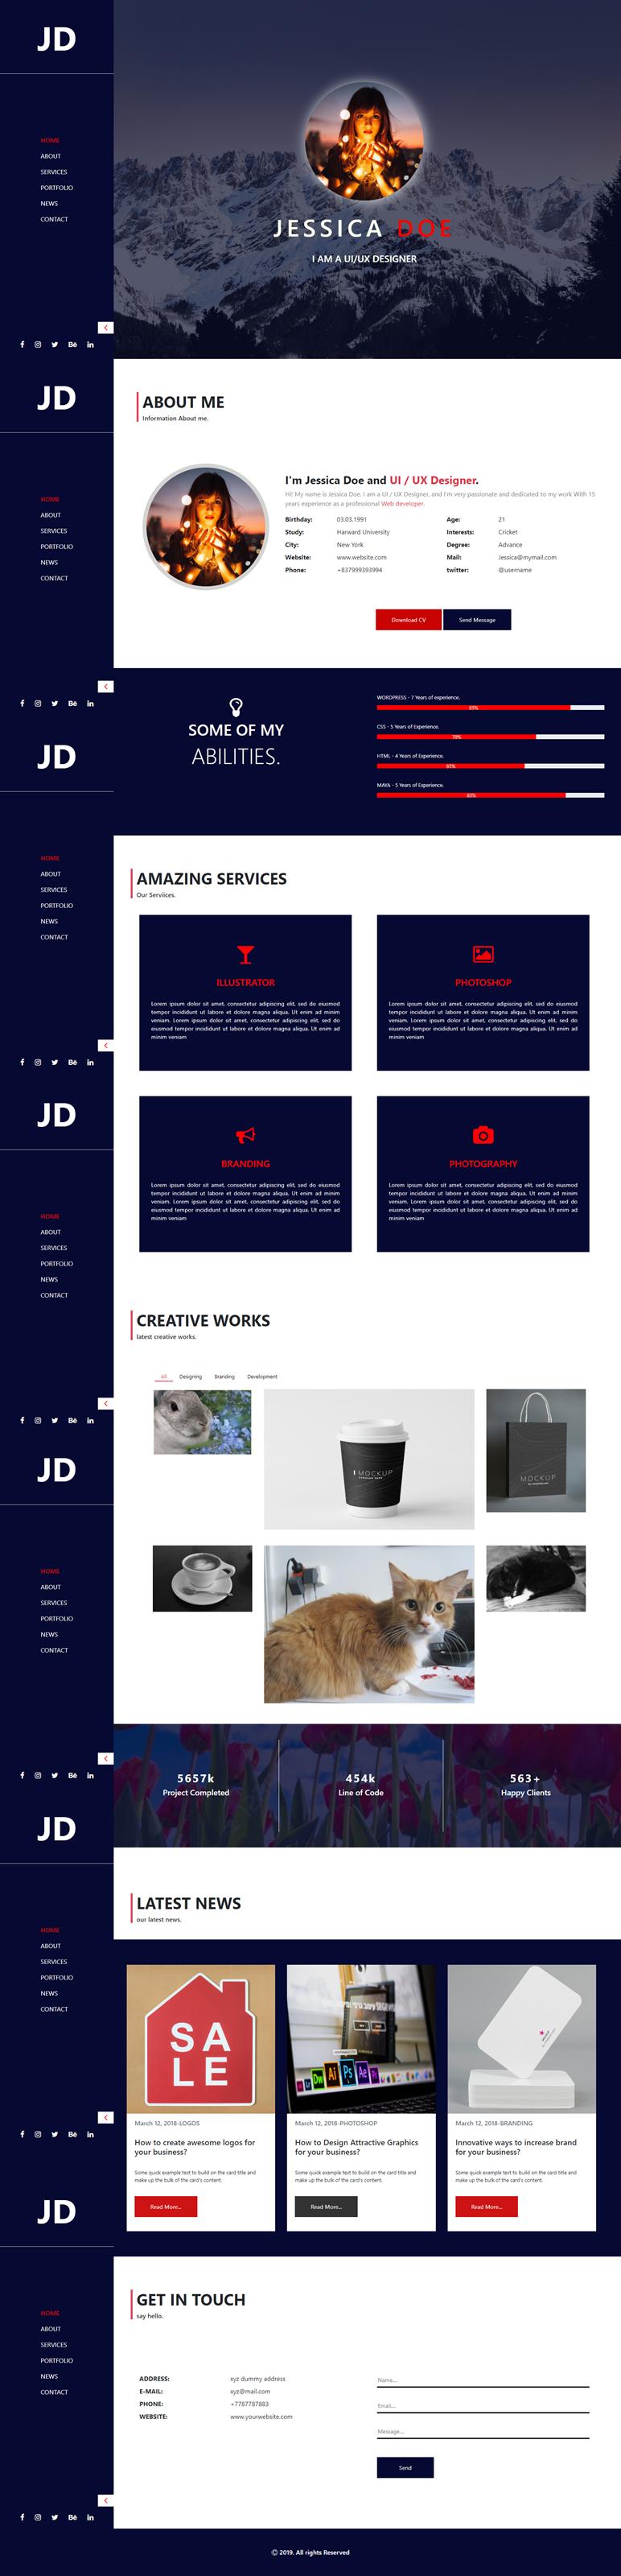 Jessica Doe Creative Portfolio HTML Template PSD Image